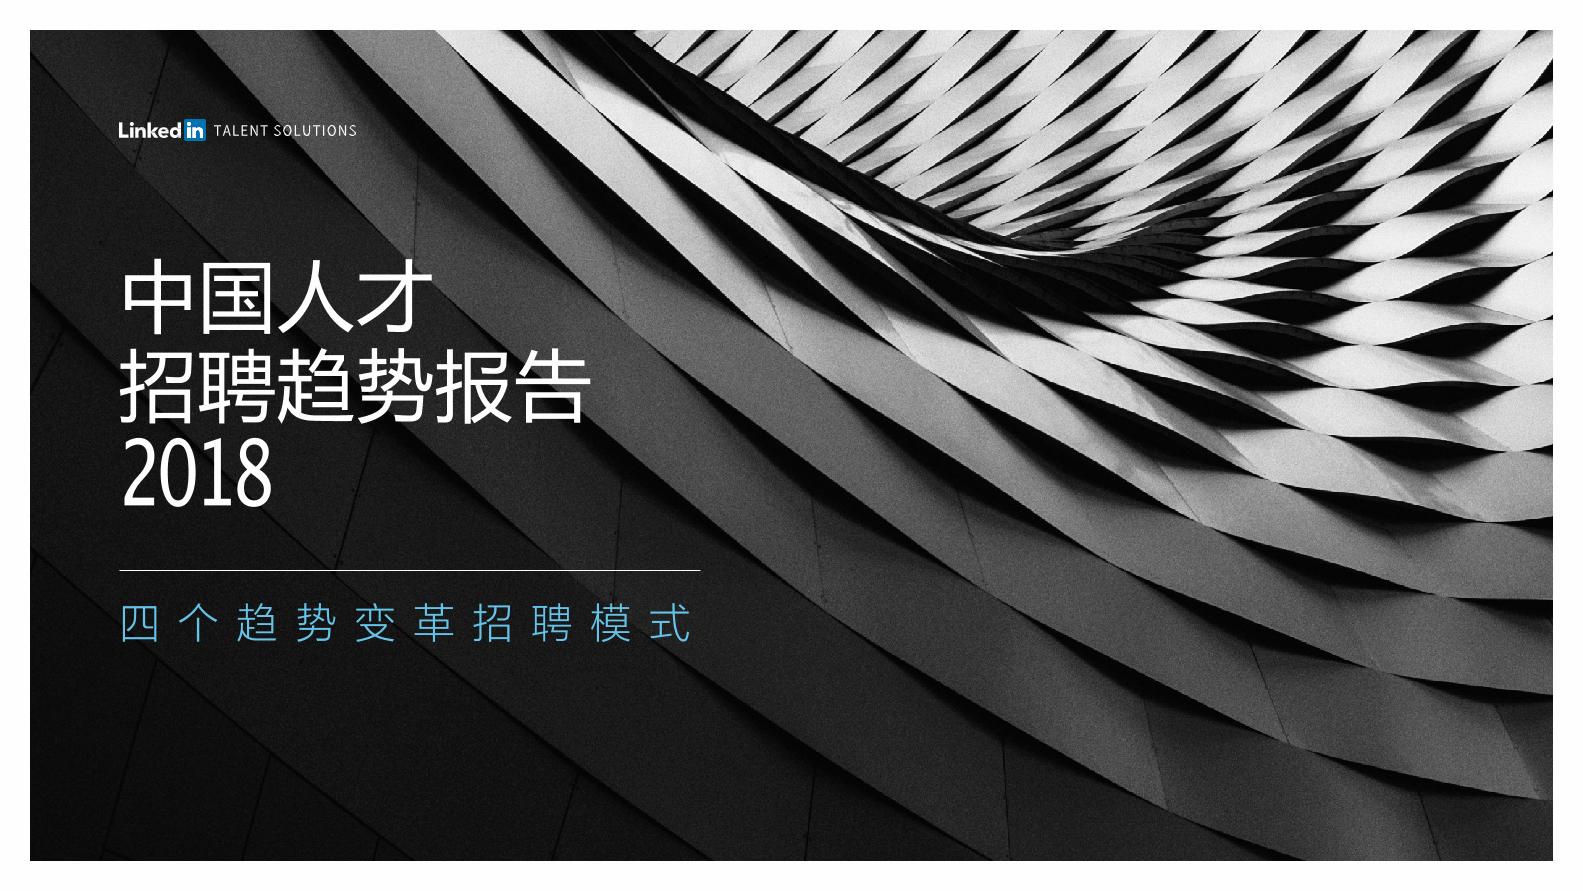 2018中国人才招聘趋势报告-Linkedin-2018.3-53页